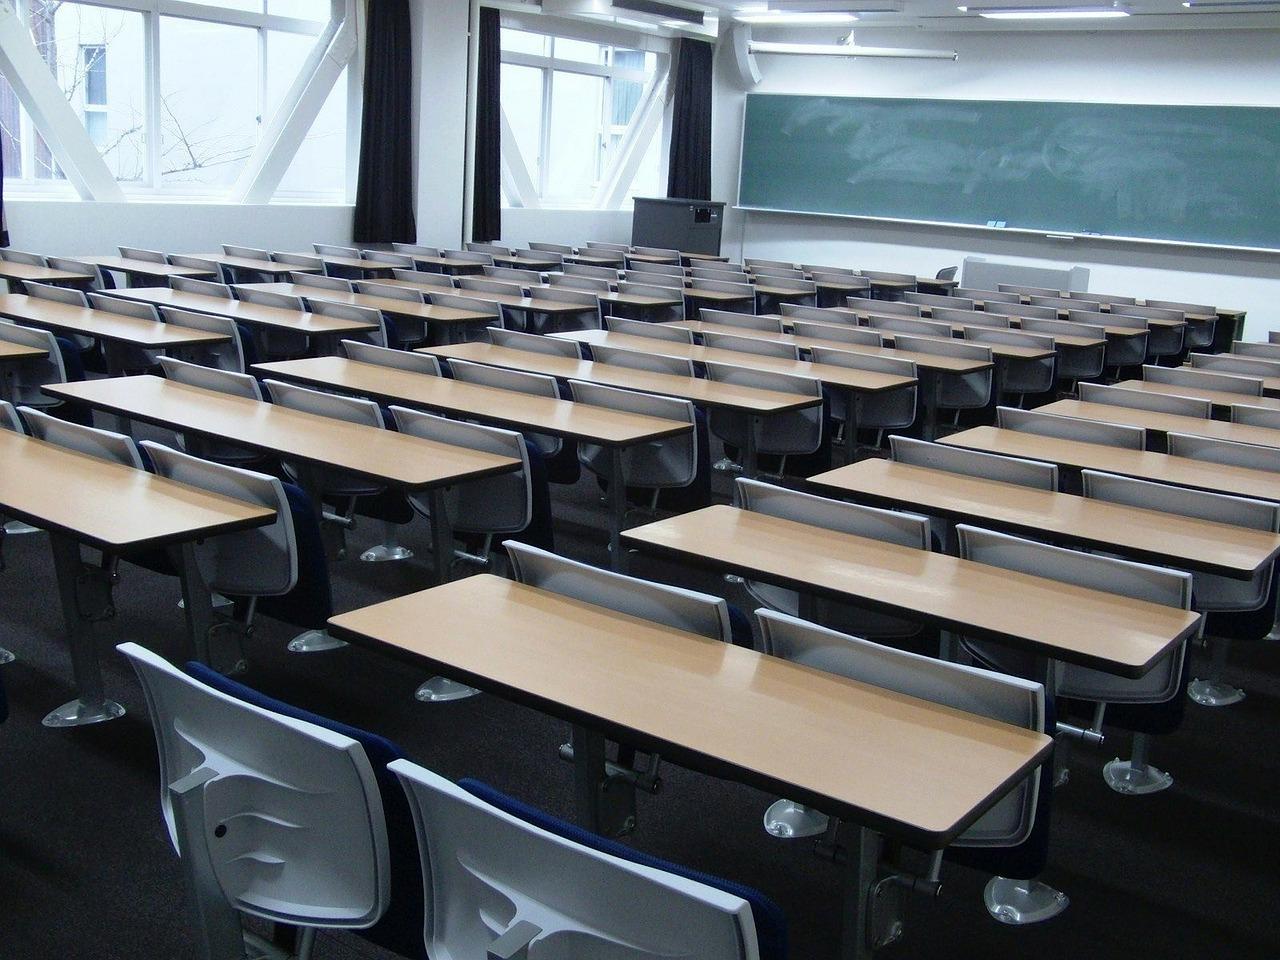 Deti vráti do škôl 4-dňové vyučovanie